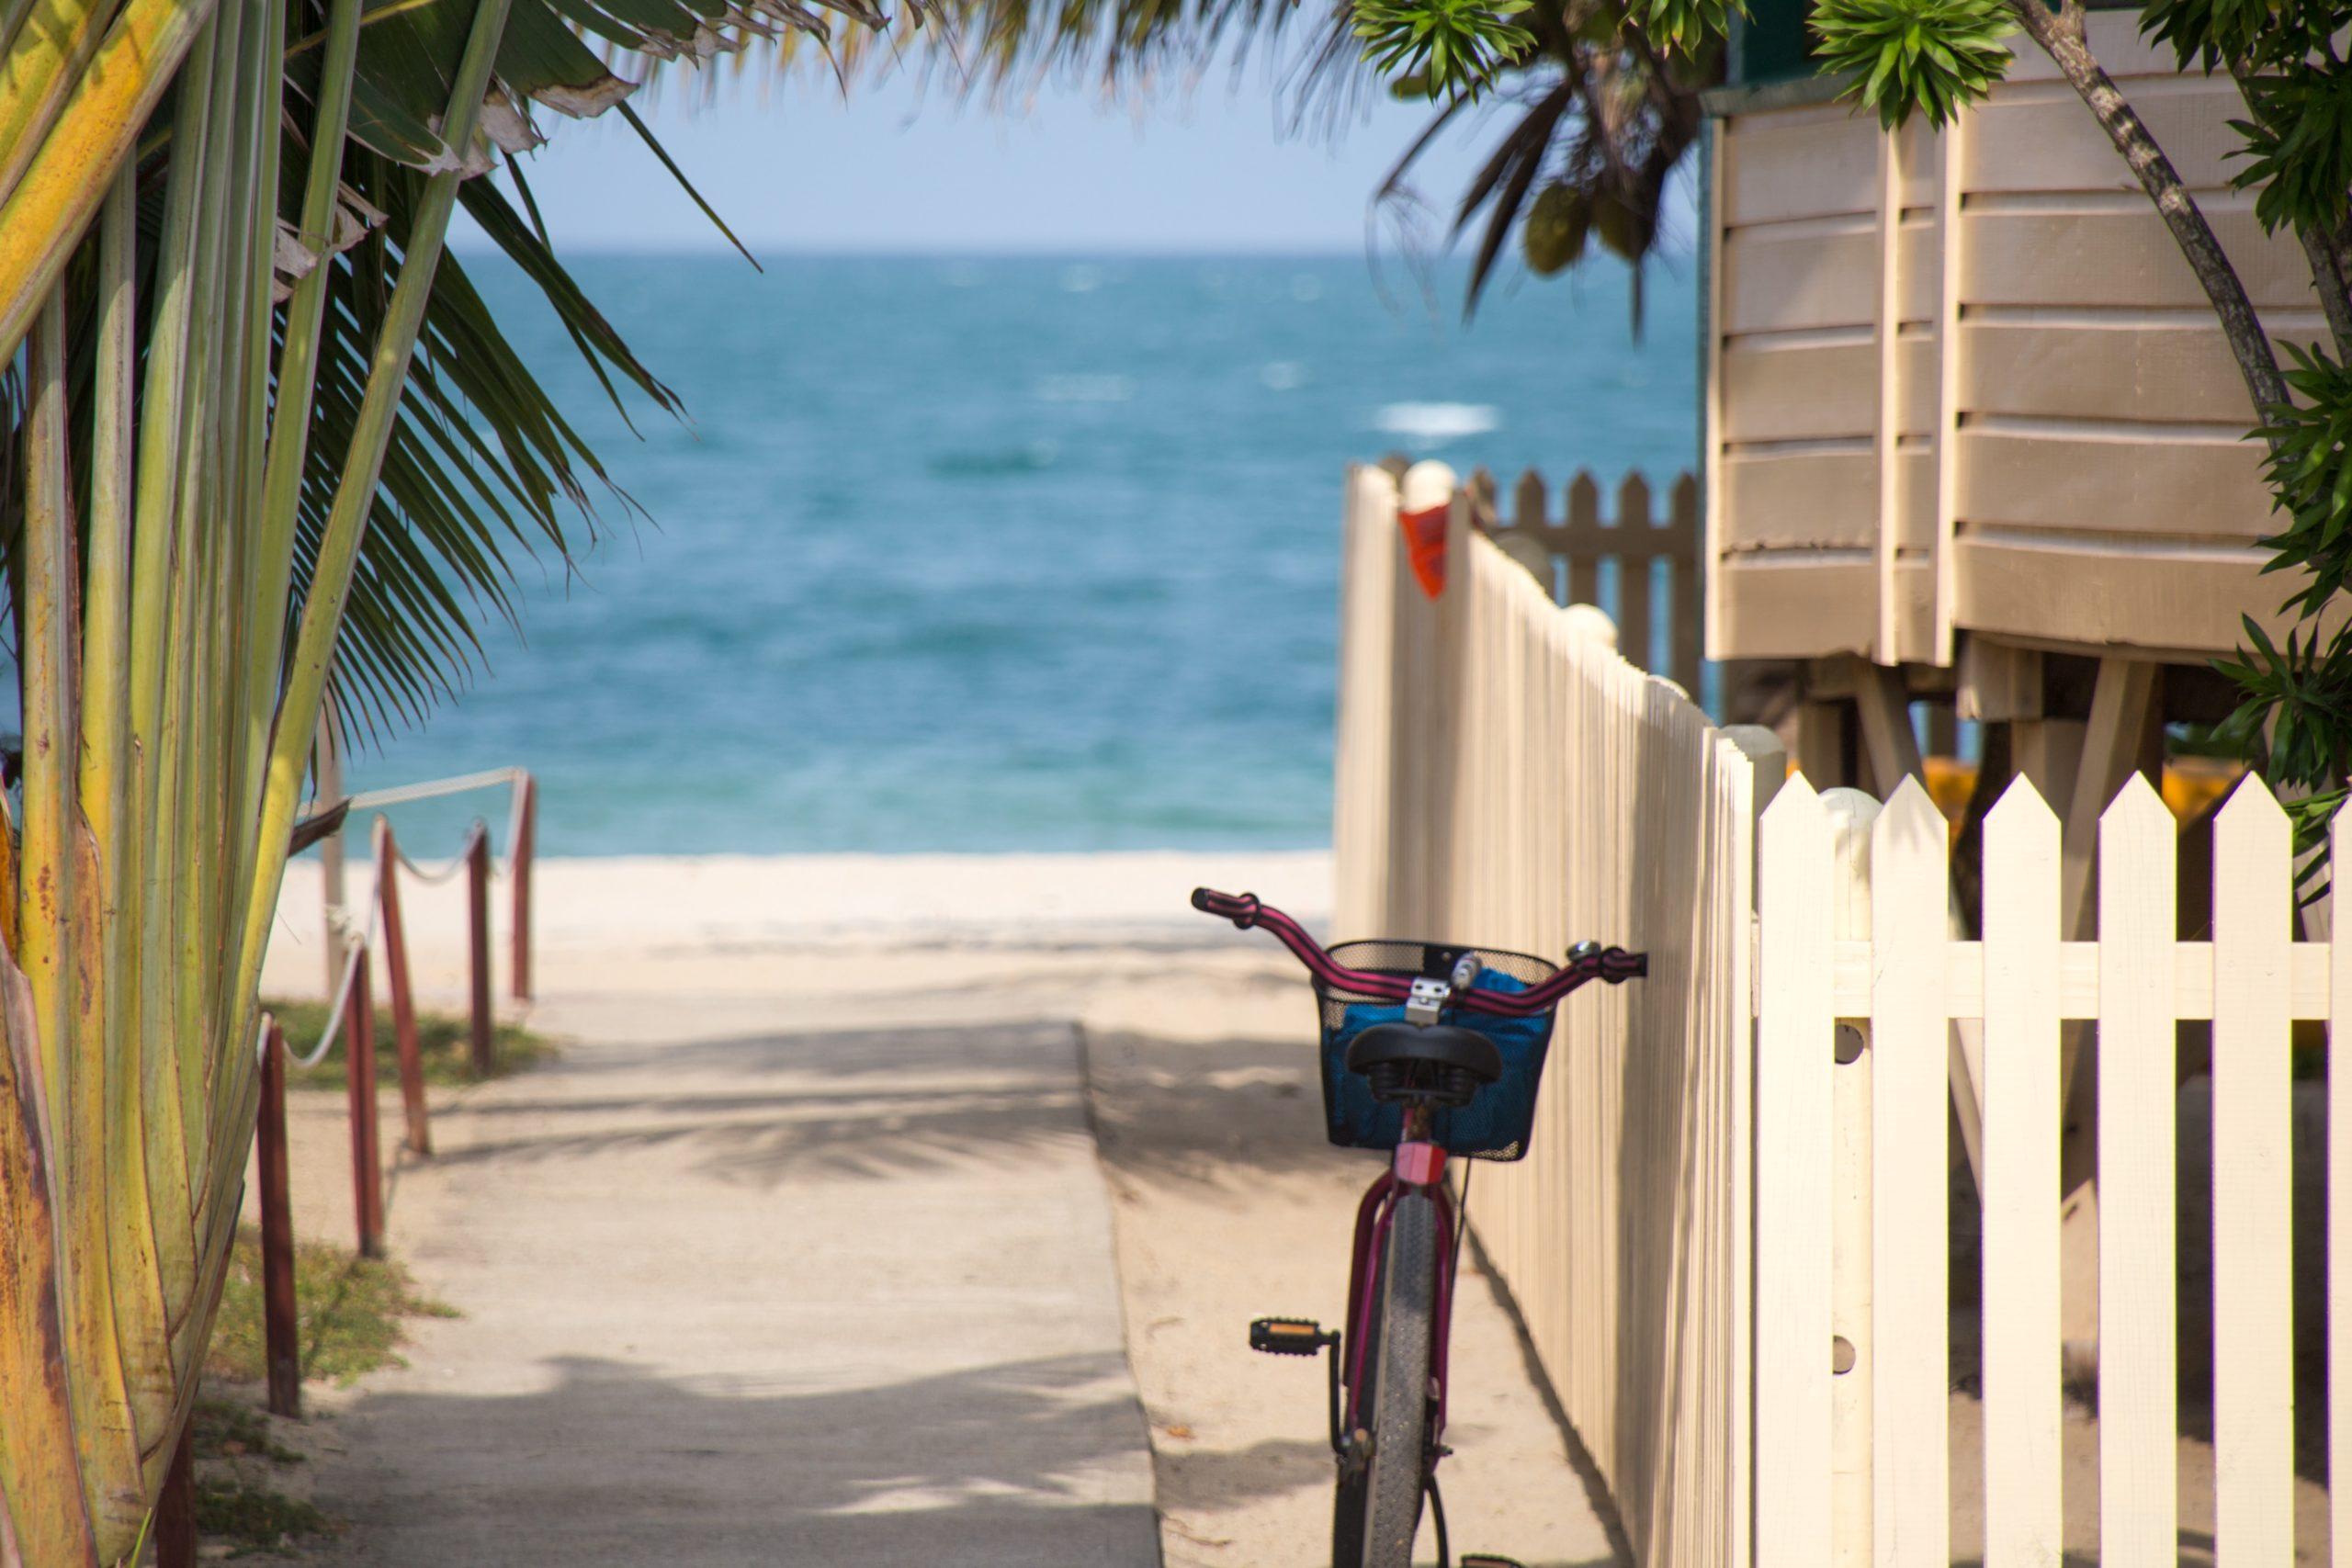 vélo-plage-soleil-éco-responsable